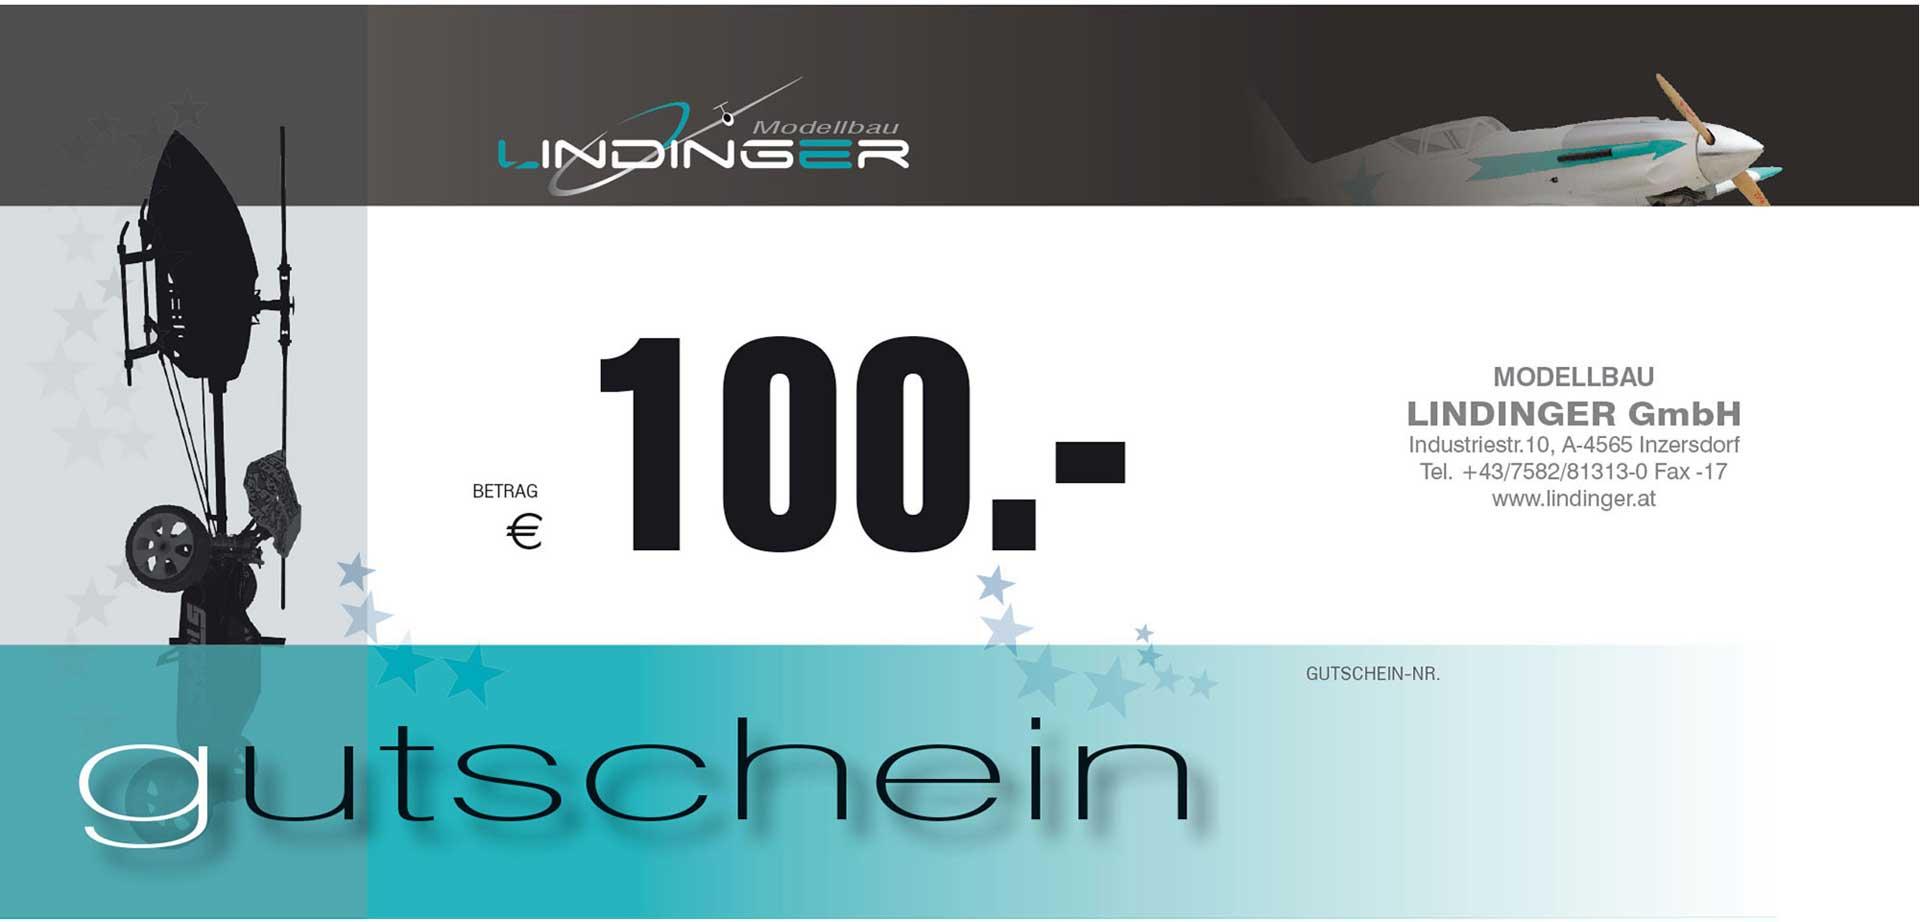 MODELLBAU LINDINGER GUTSCHEIN LINDINGER 100,- EURO